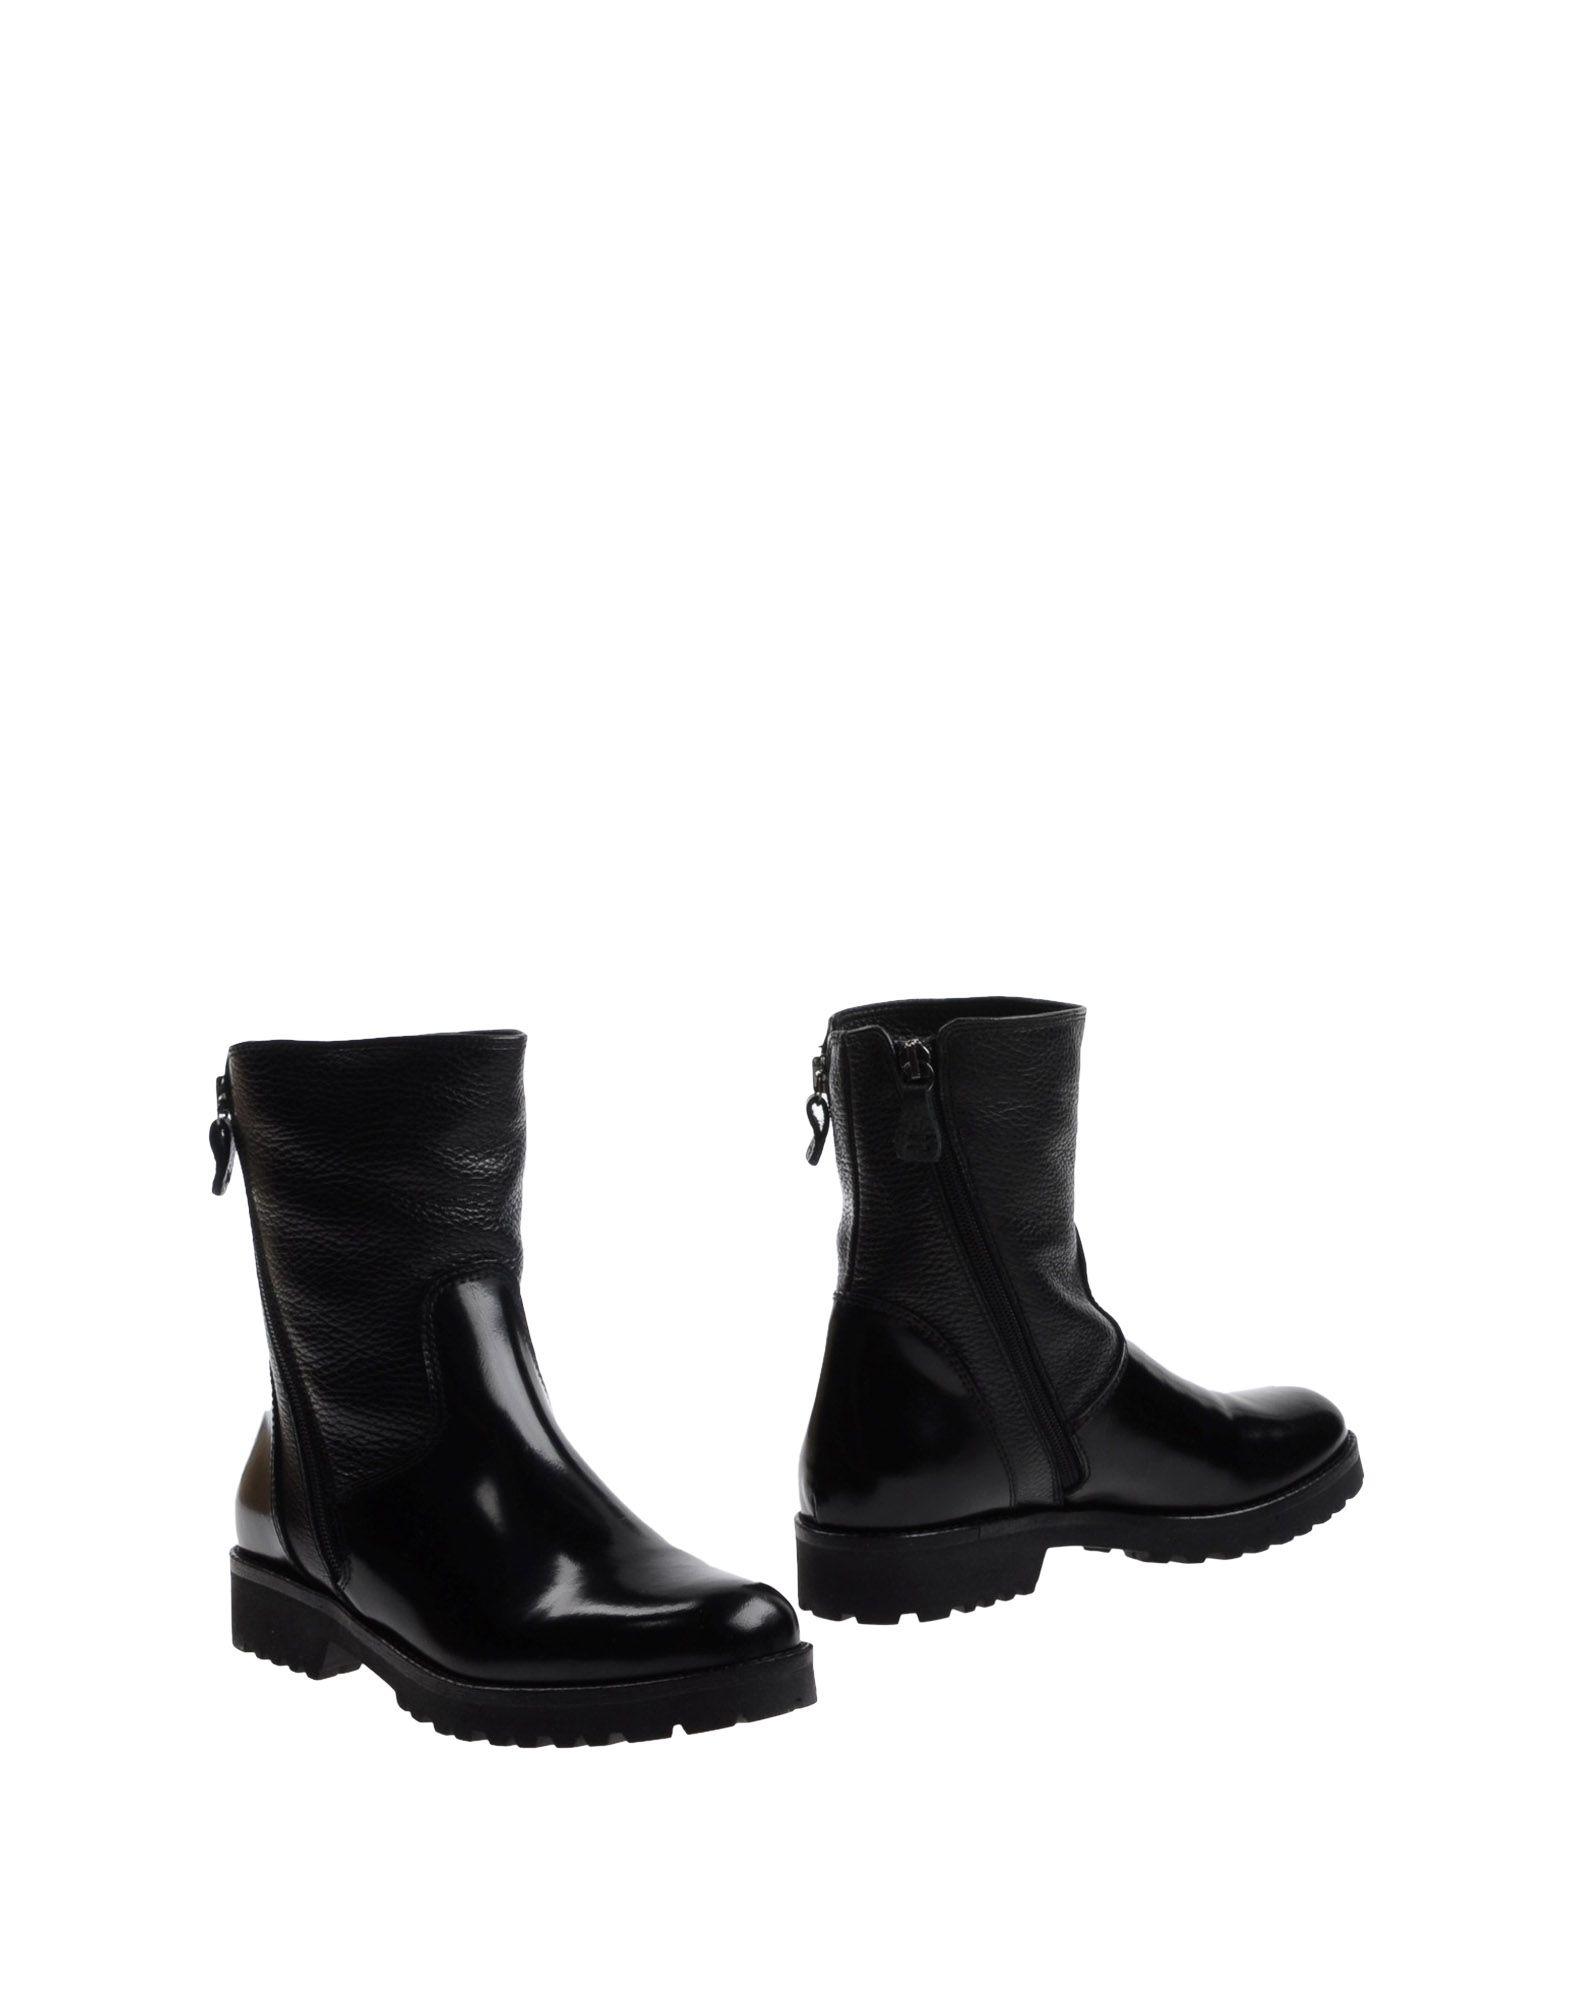 Mally Stiefelette Damen  11311716II Gute Qualität beliebte Schuhe